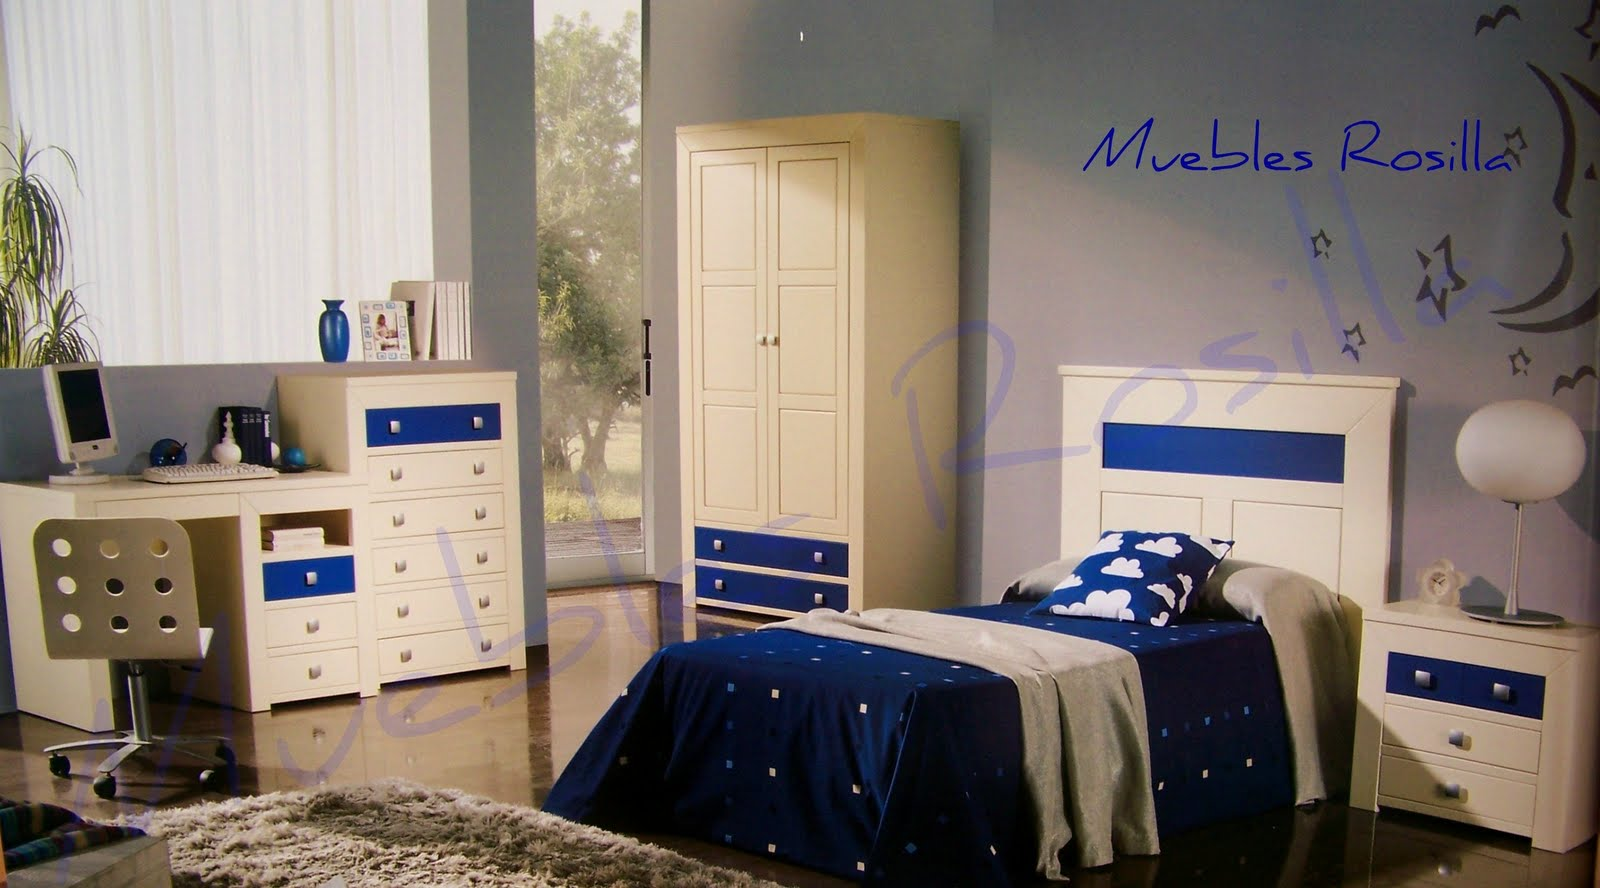 Muebles rosilla herv s dormitorio juvenil lacado en - Dormitorios juveniles de madera maciza ...